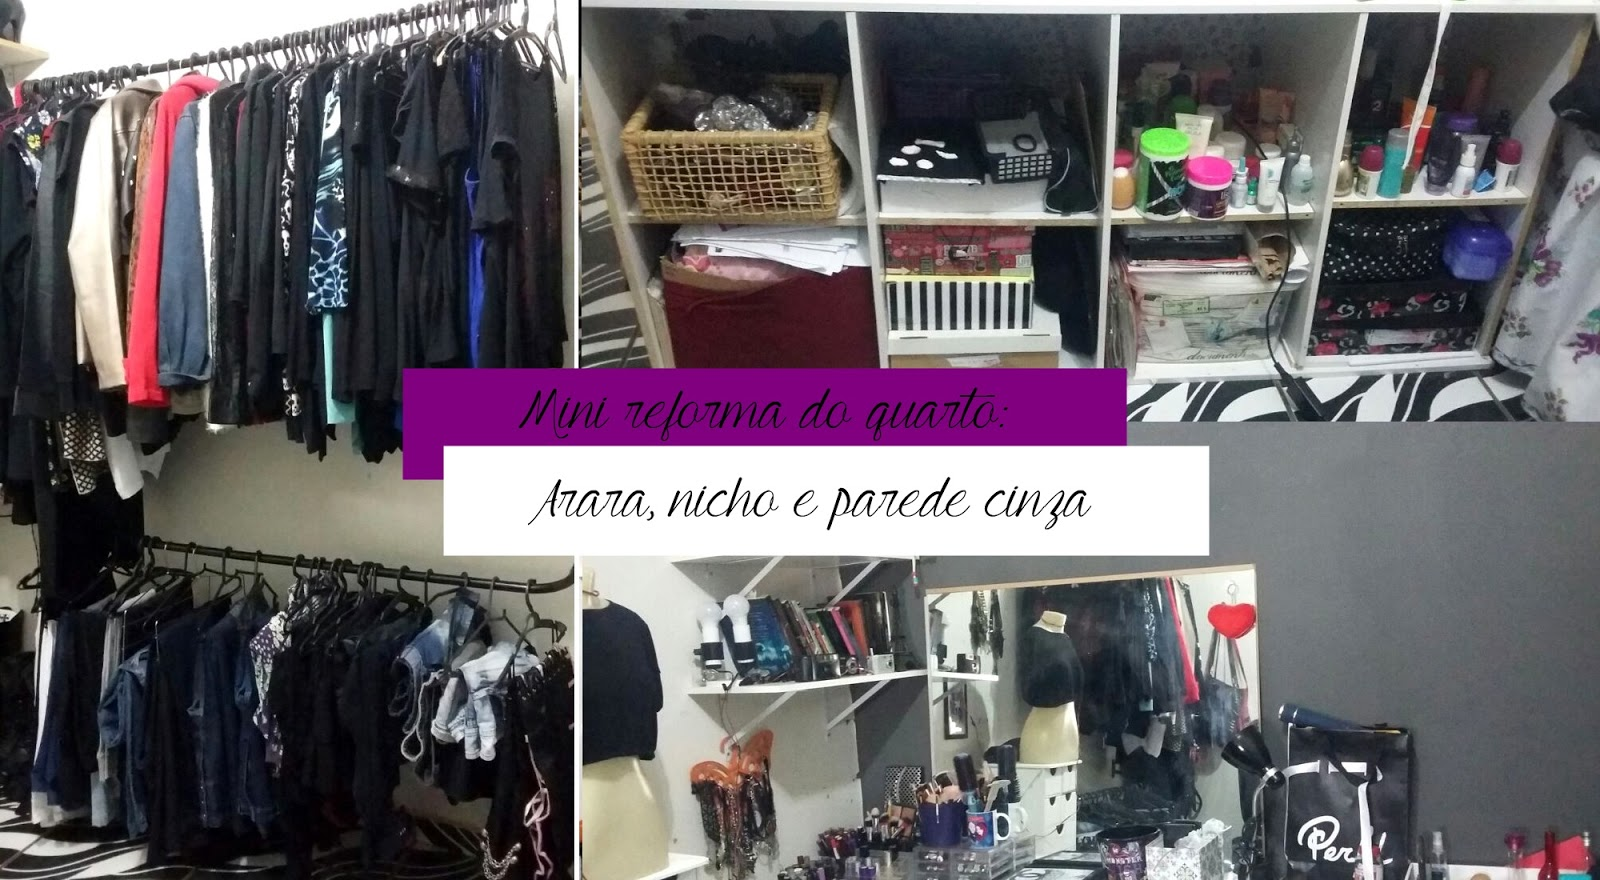 Mini reforma no quarto: Temos arara de roupa, parede cinza e nicho